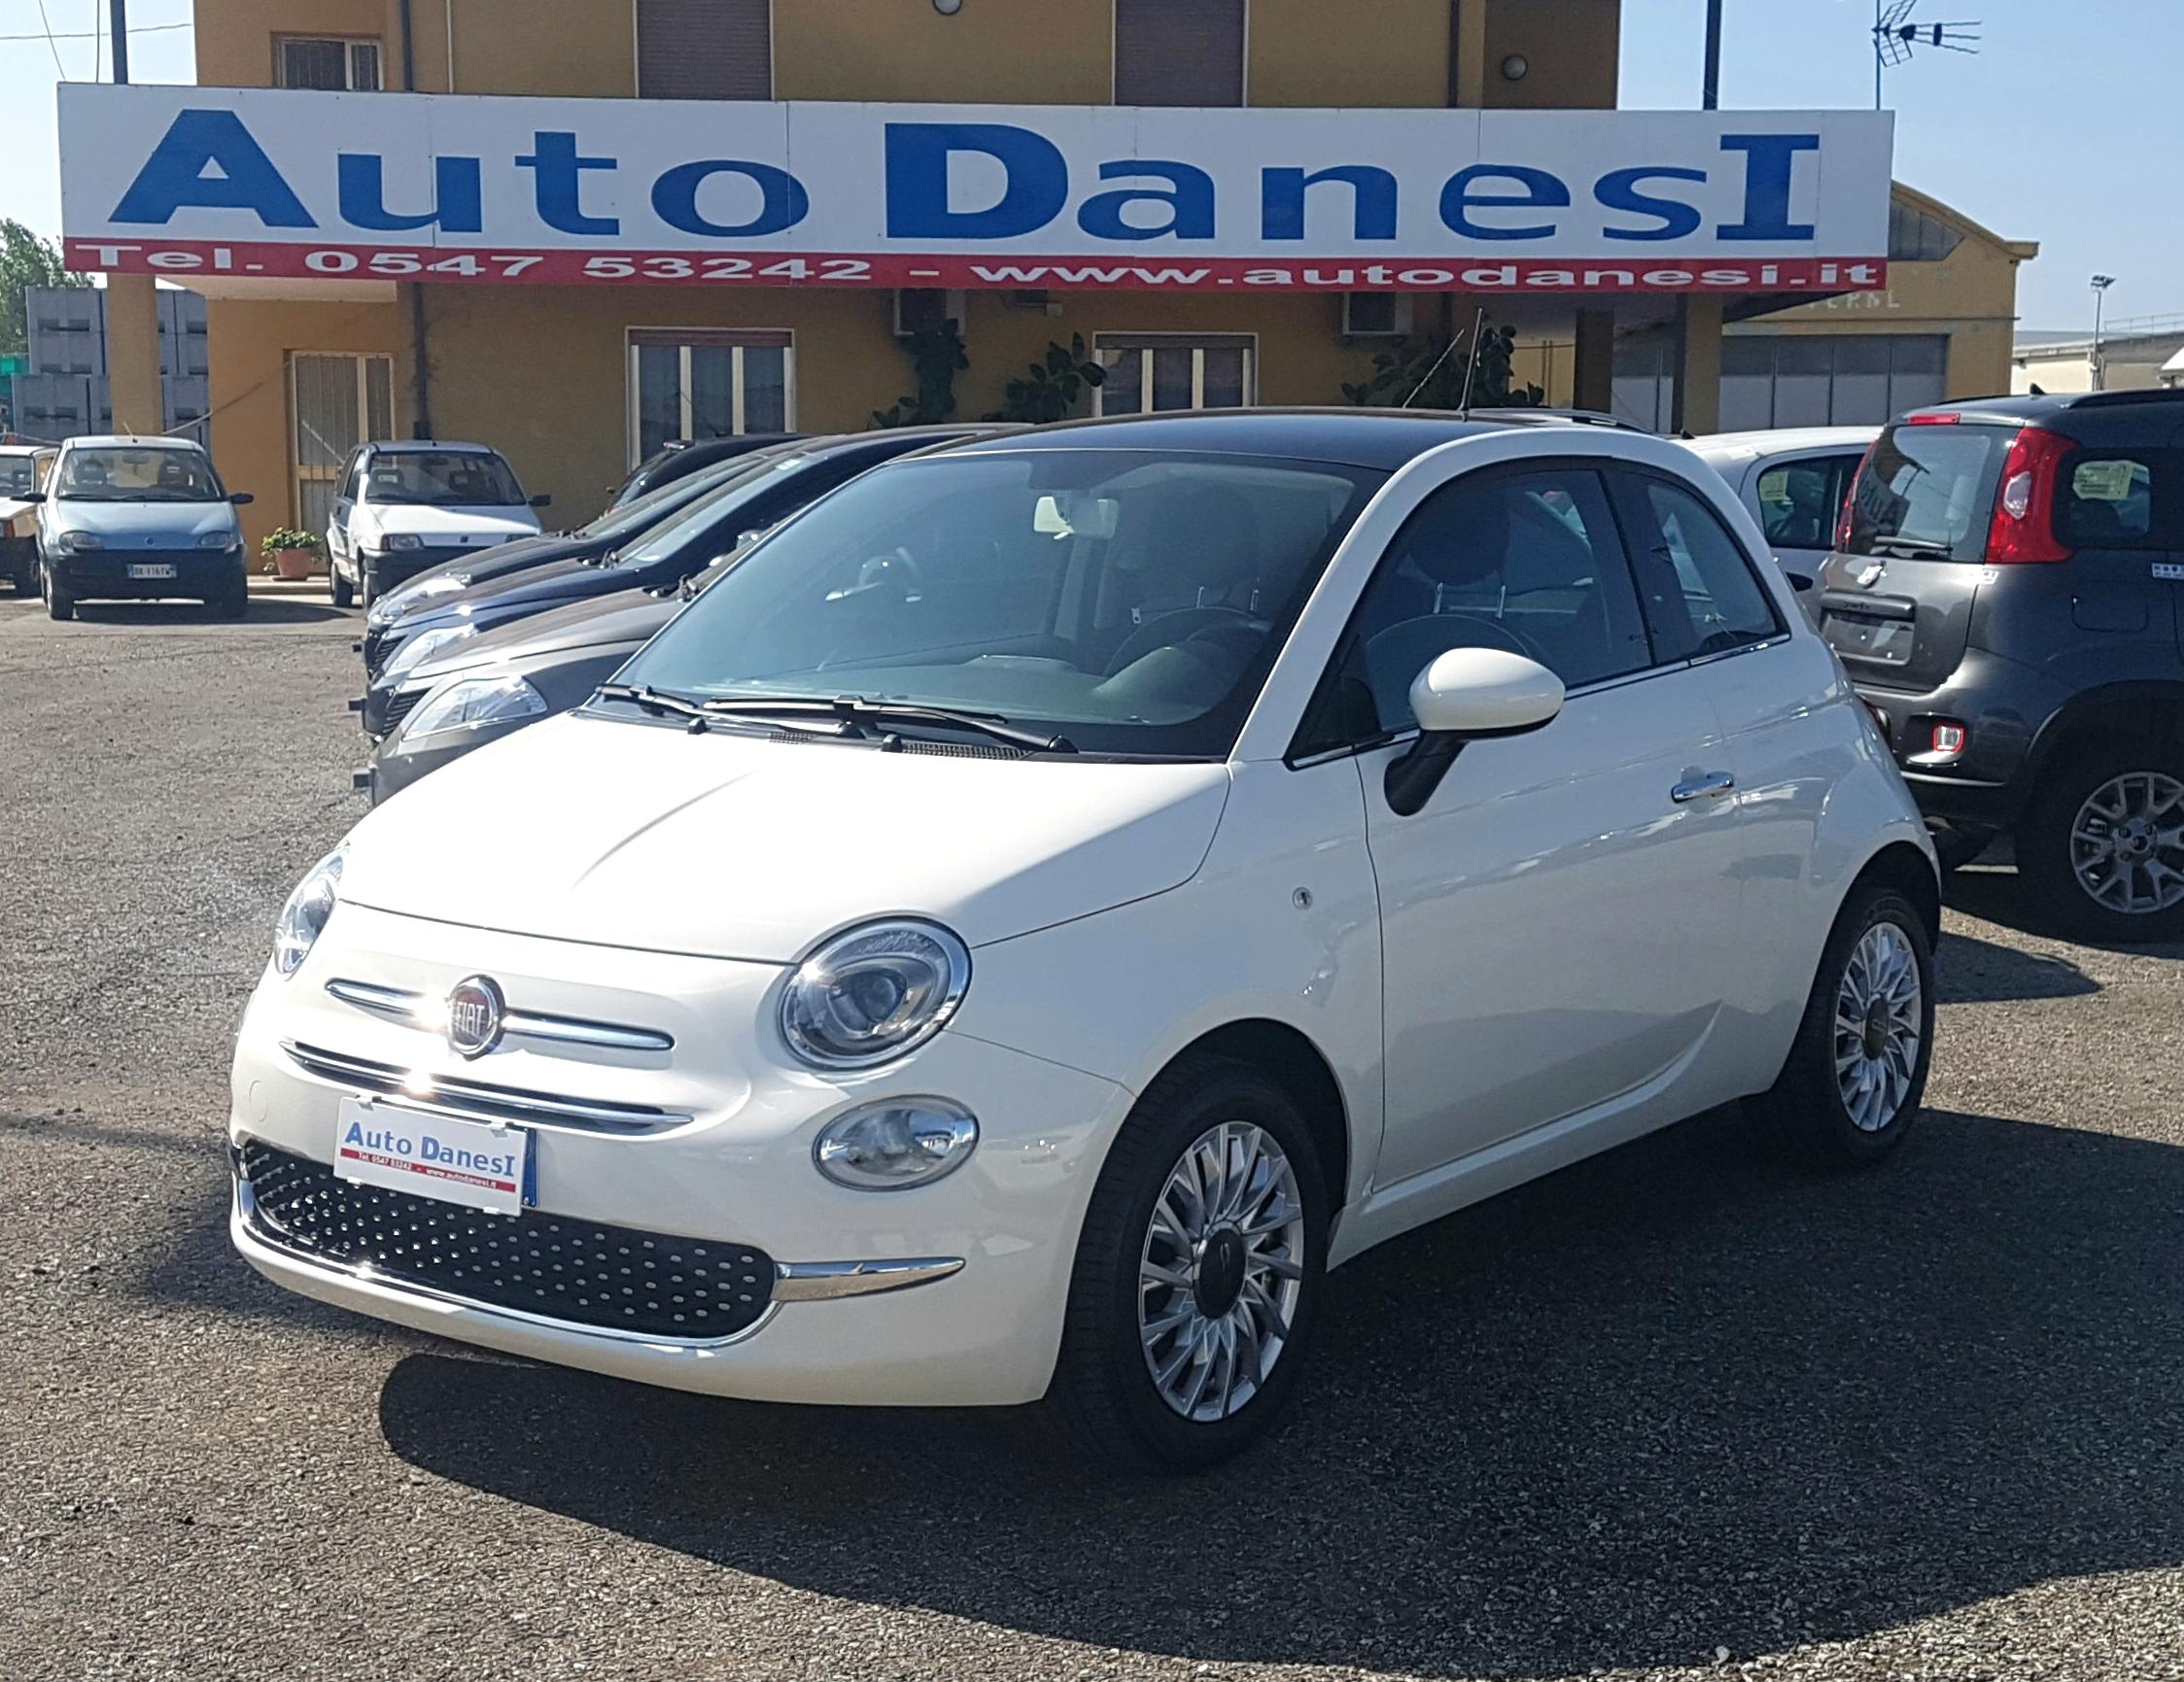 Fiat 500 1 2 69 cv lounge automatica autodanesi vendita auto nuove e usate longiano - Modulo chiusura automatica specchi retrovisori ...